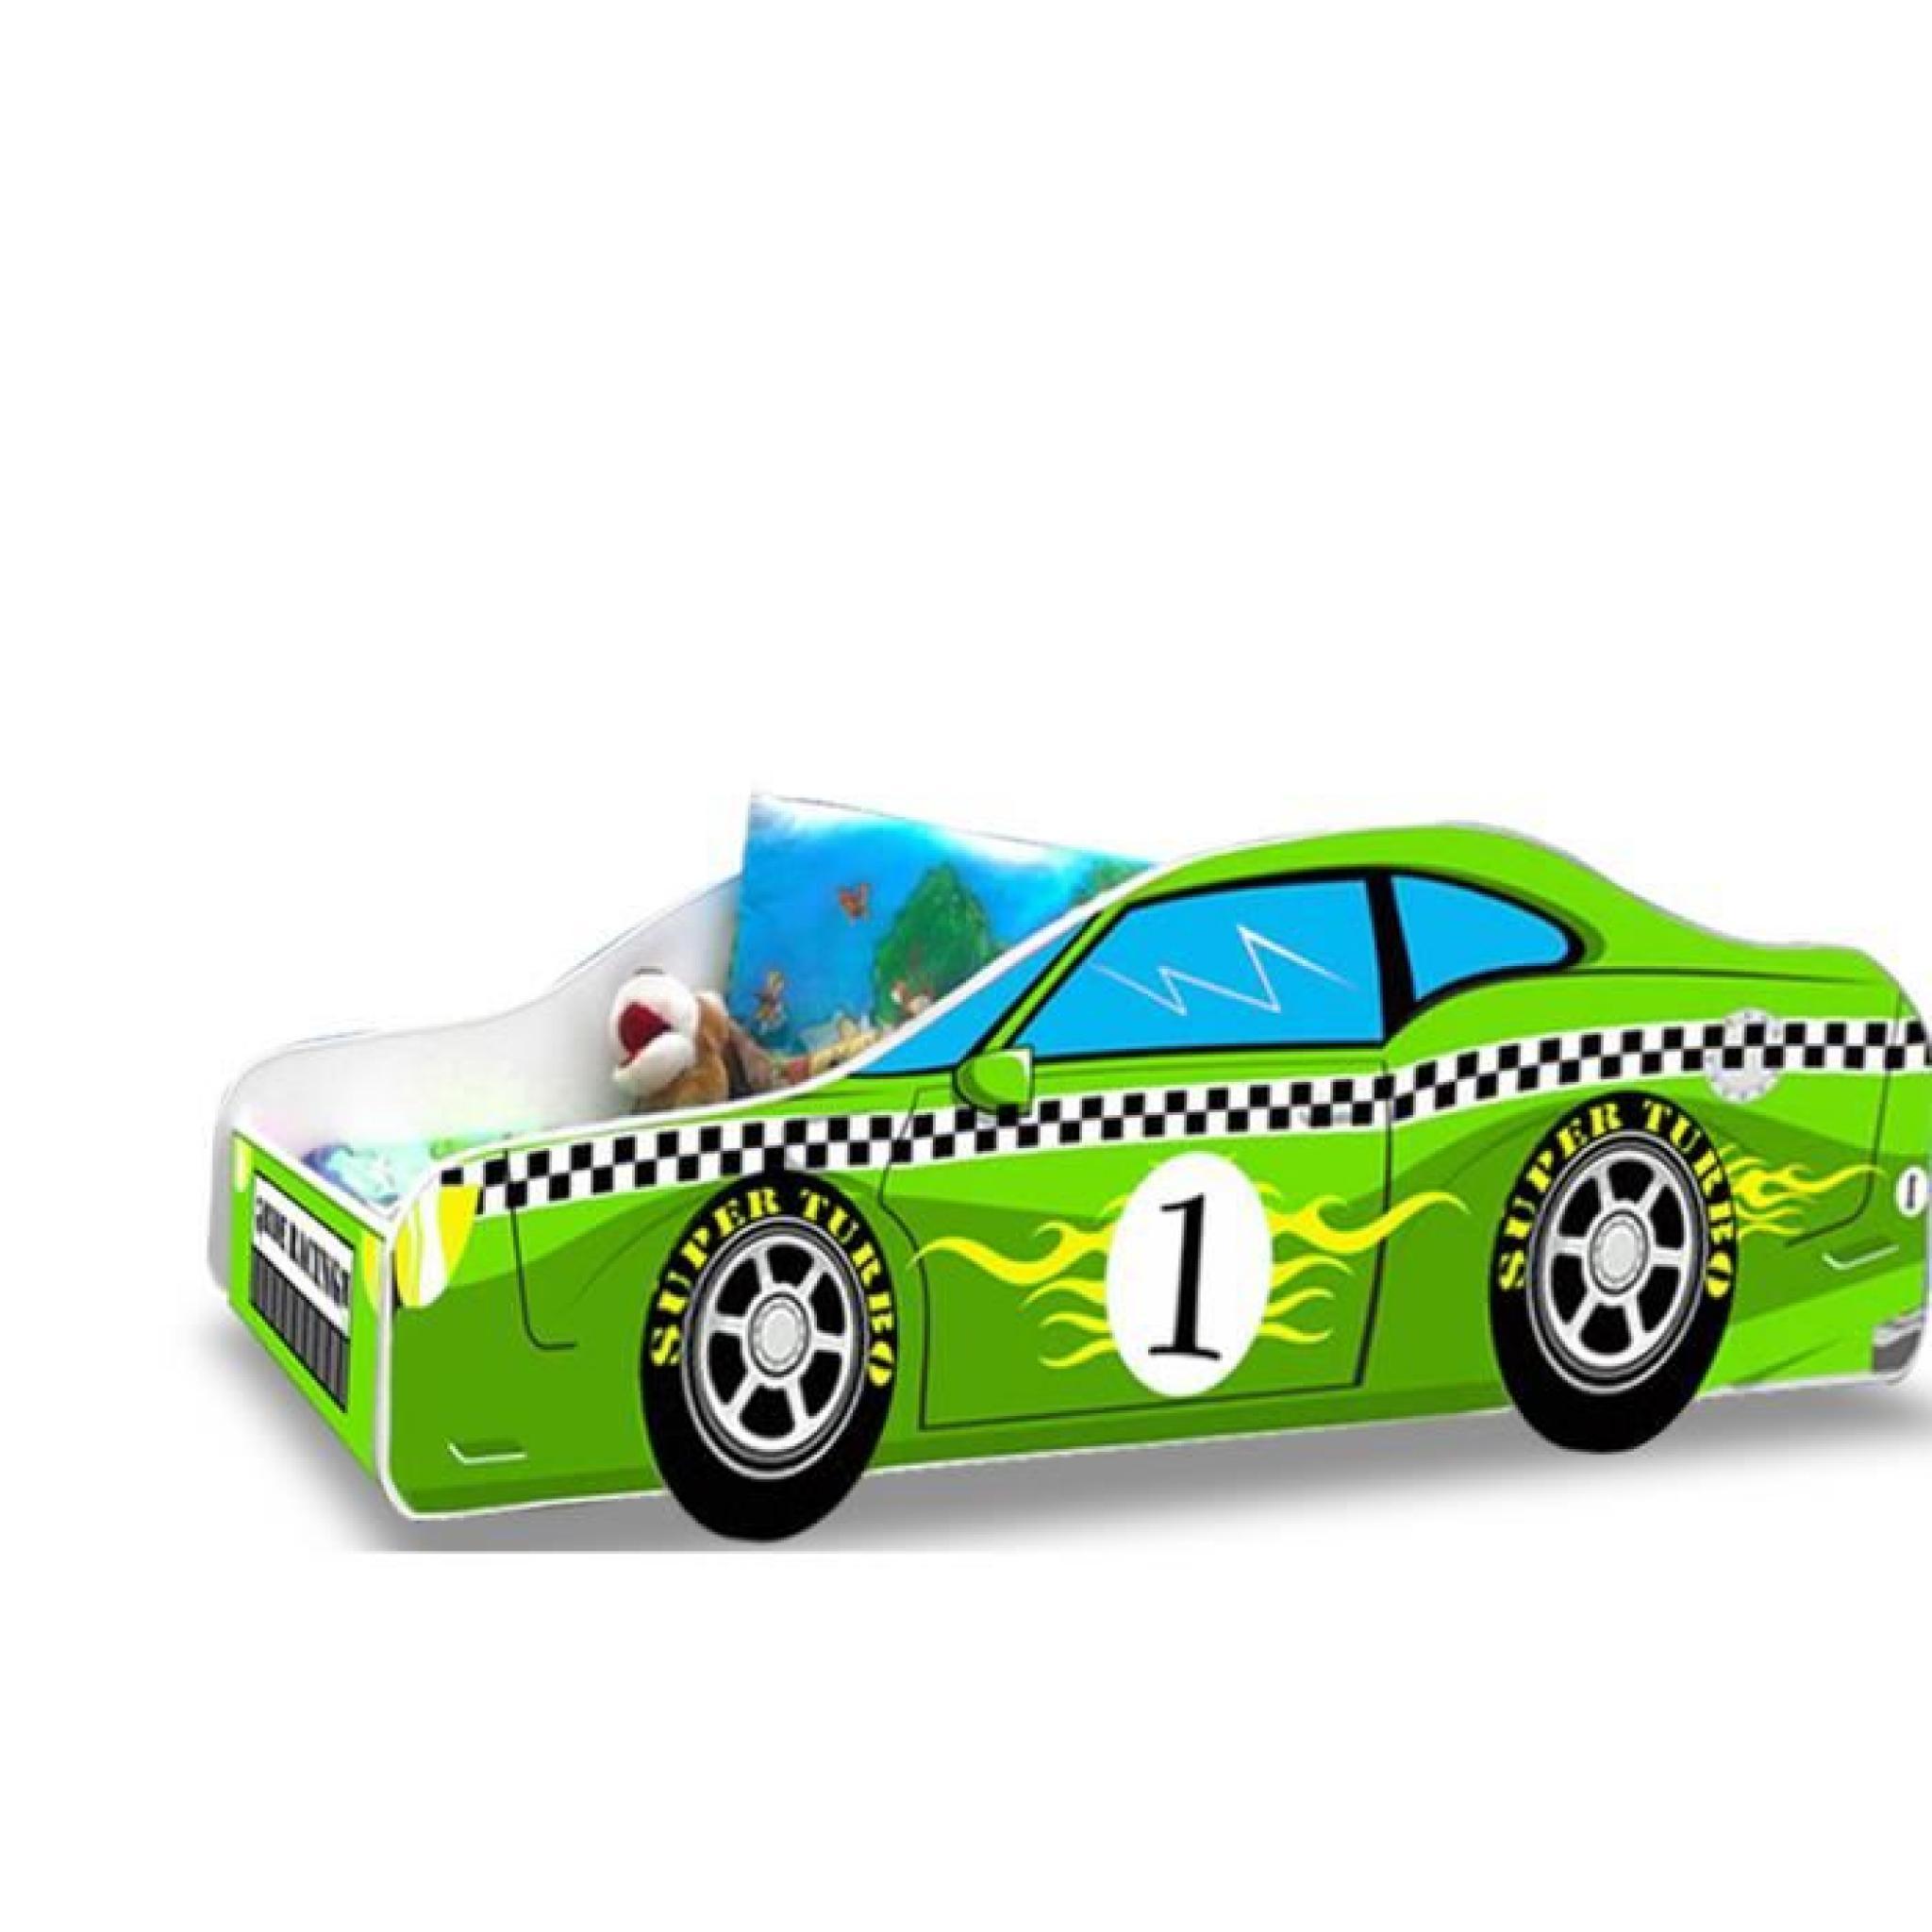 lit enfant voiture f1 verte sommier matelas 160 x 80 cm achat vente lit enfant pas cher. Black Bedroom Furniture Sets. Home Design Ideas